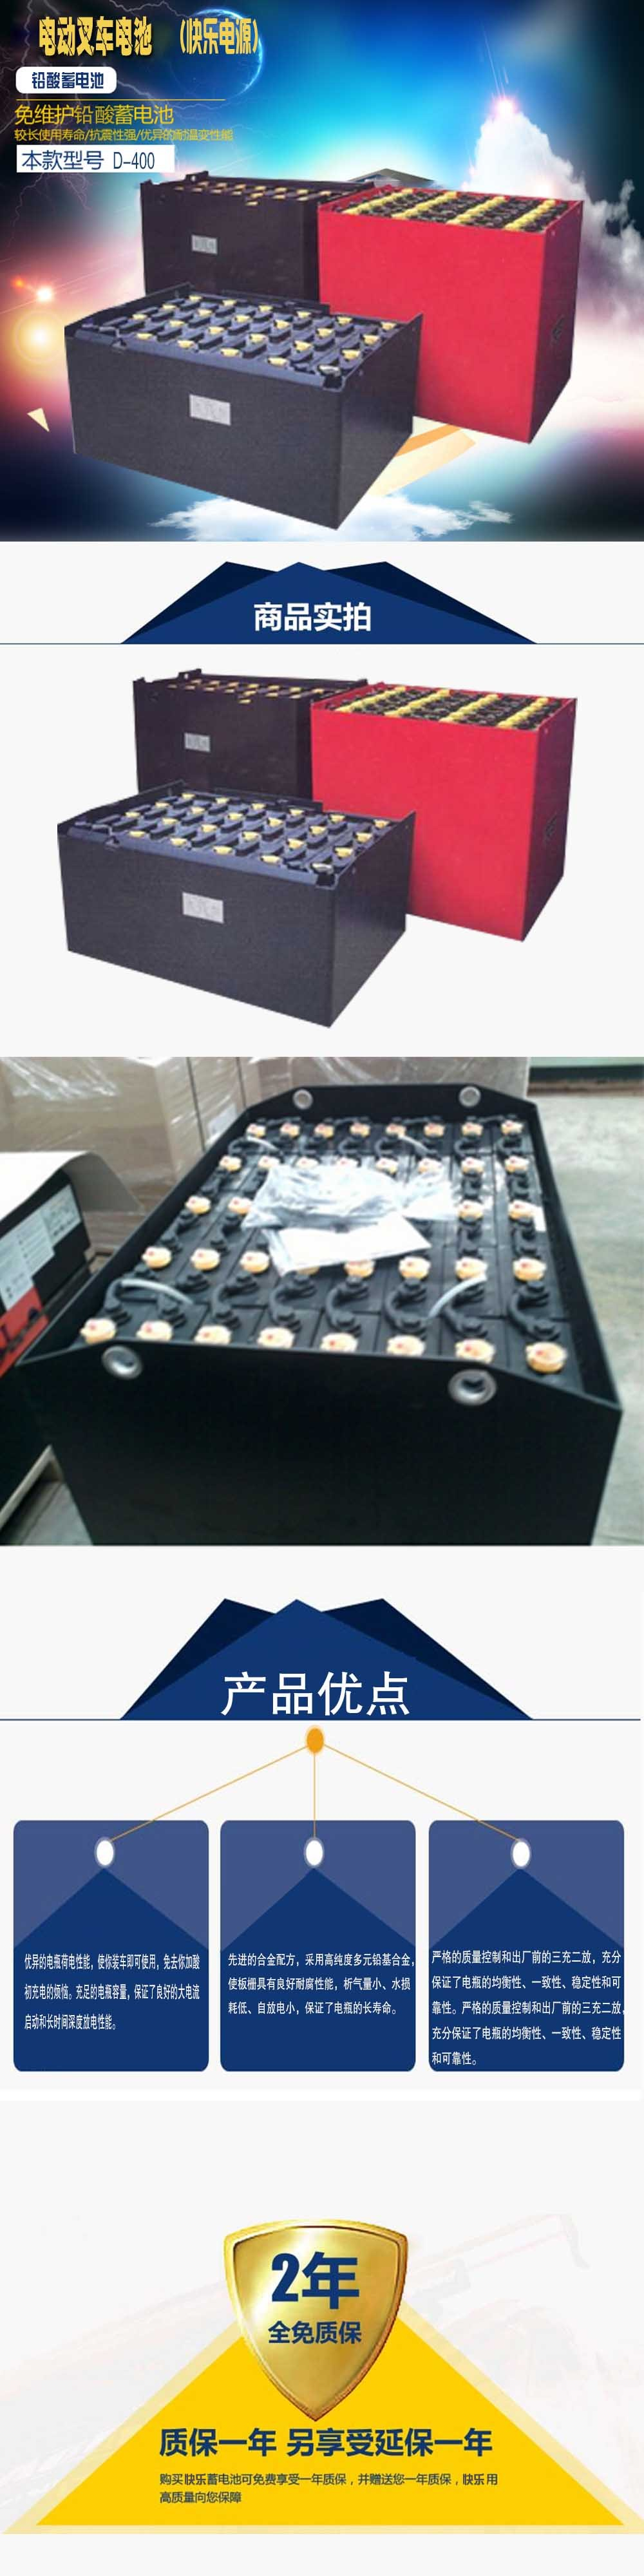 火炬牌中力叉车蓄电池24-10DB700批发 浙江中力叉车电池组 48V700AH 火炬叉车蓄电池